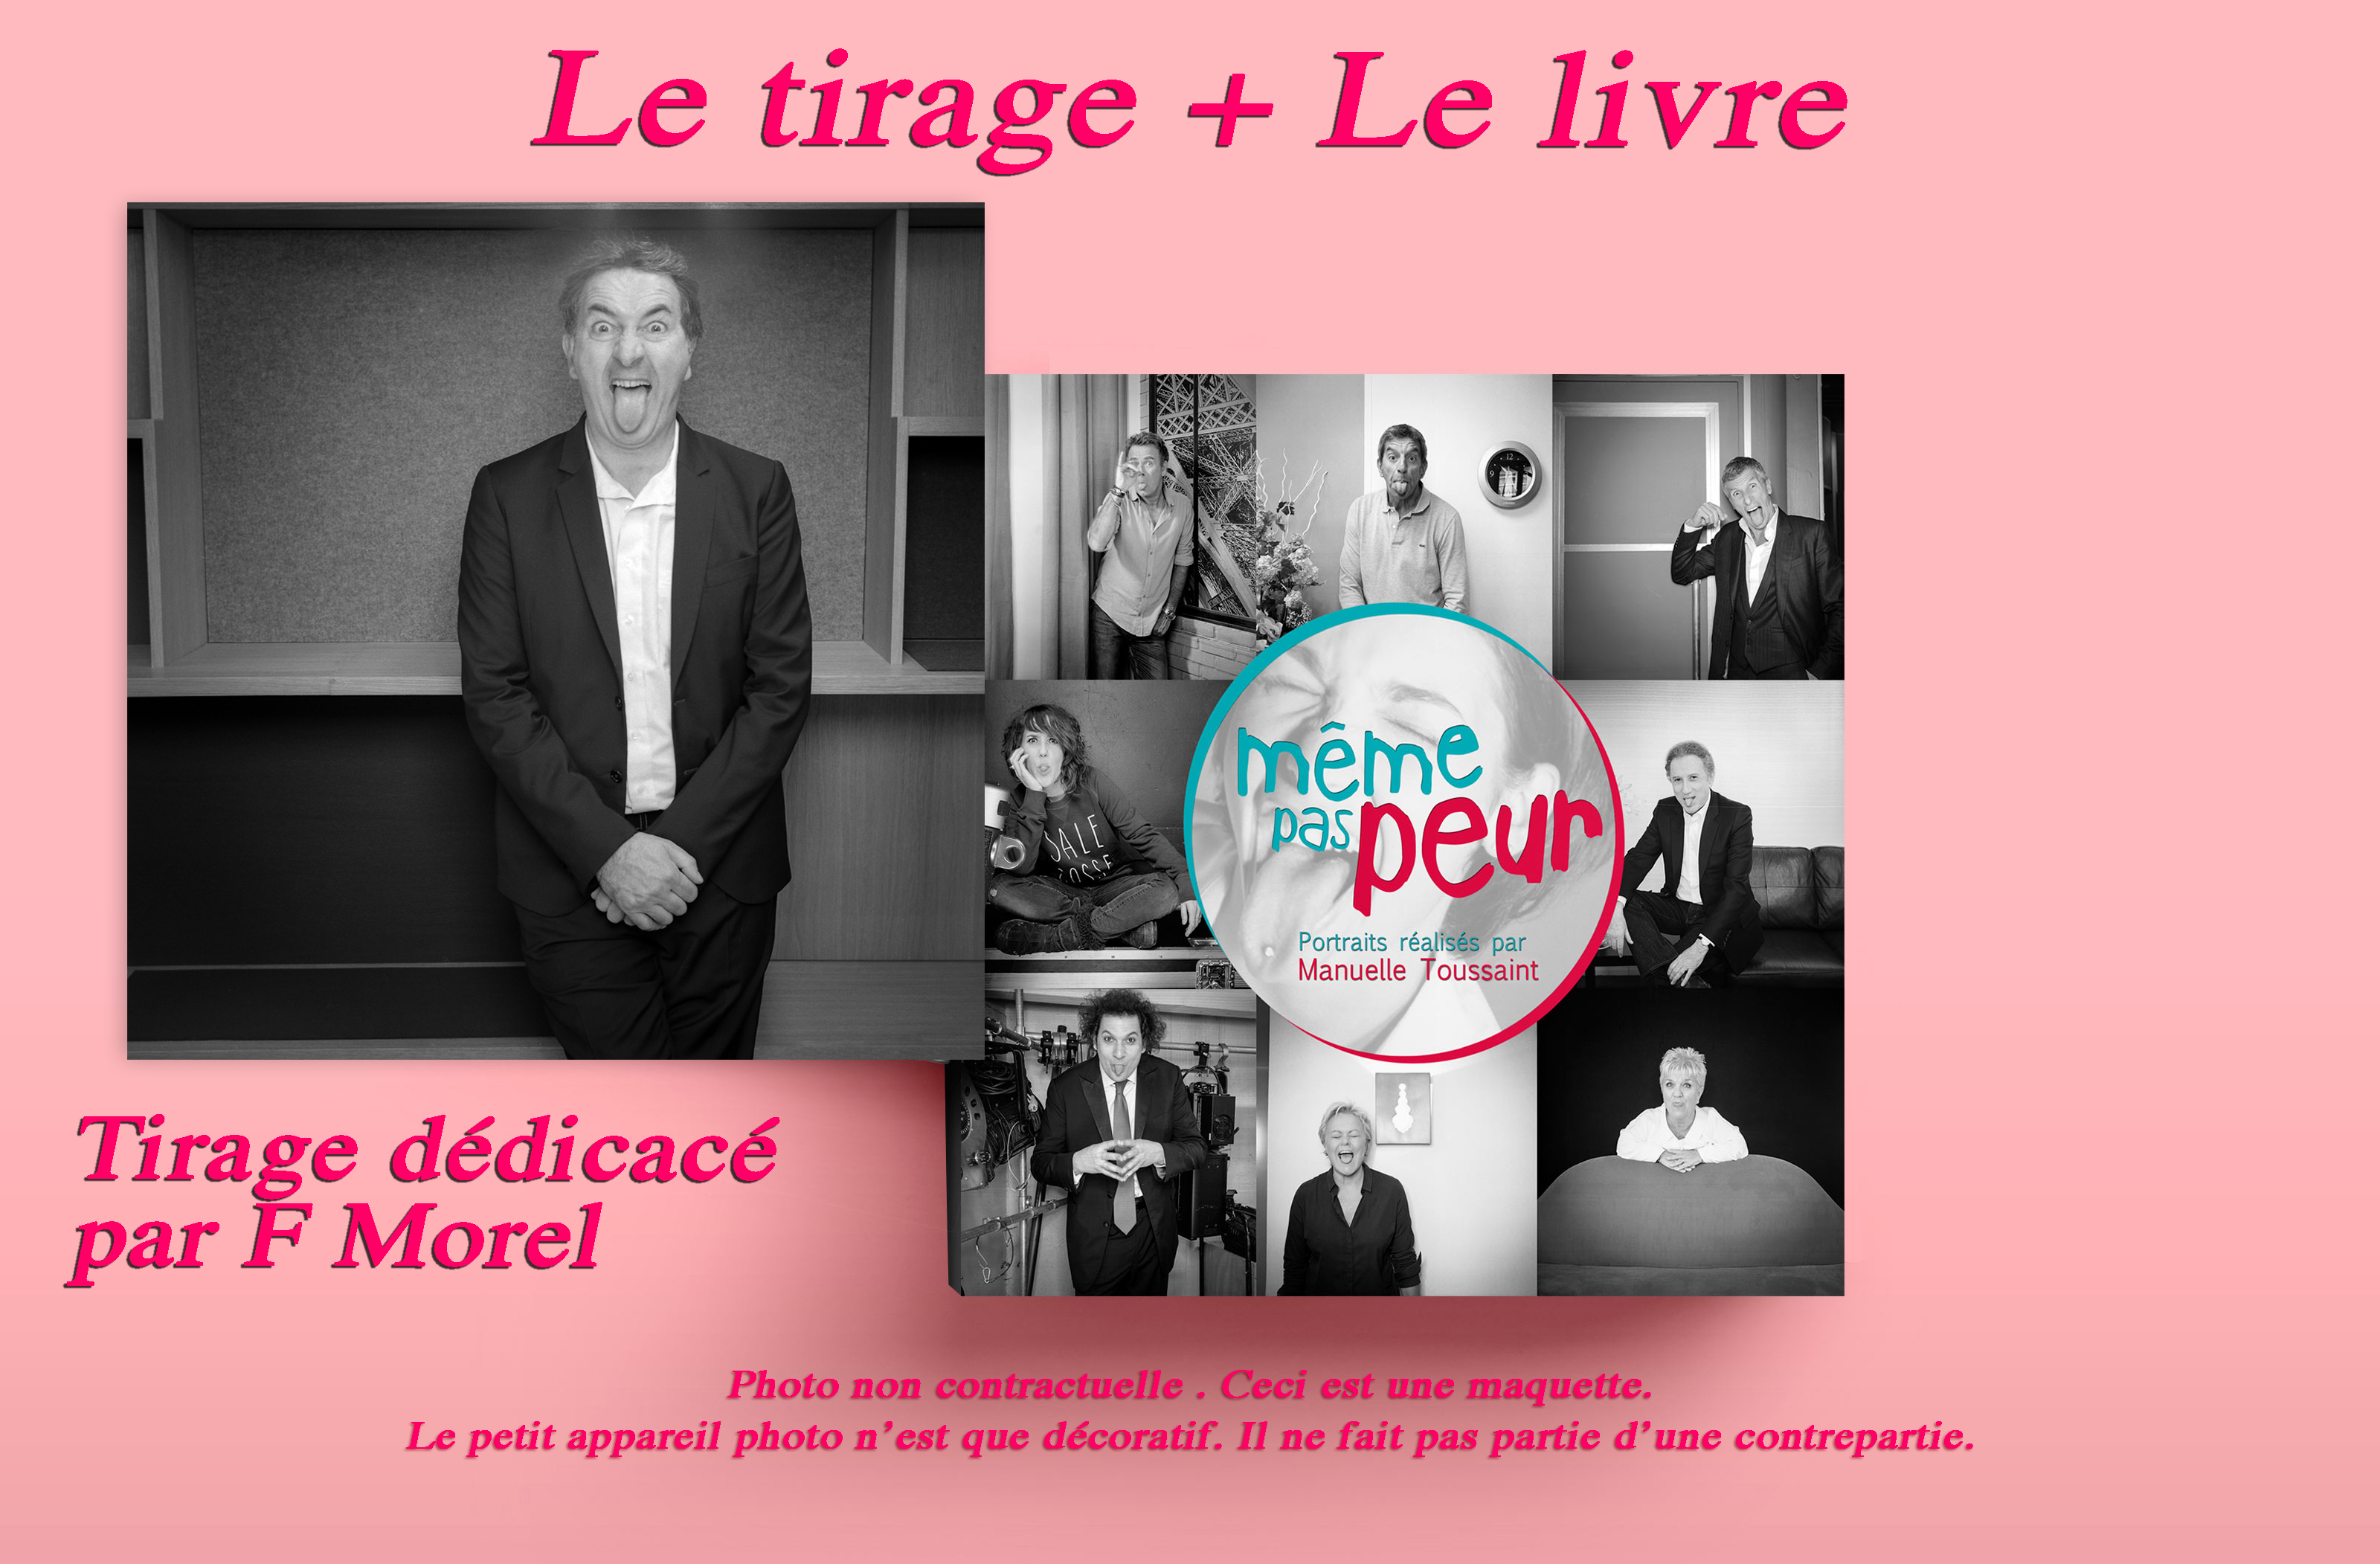 Tirage_dedicace_Morel_Livre-1497101595.jpg